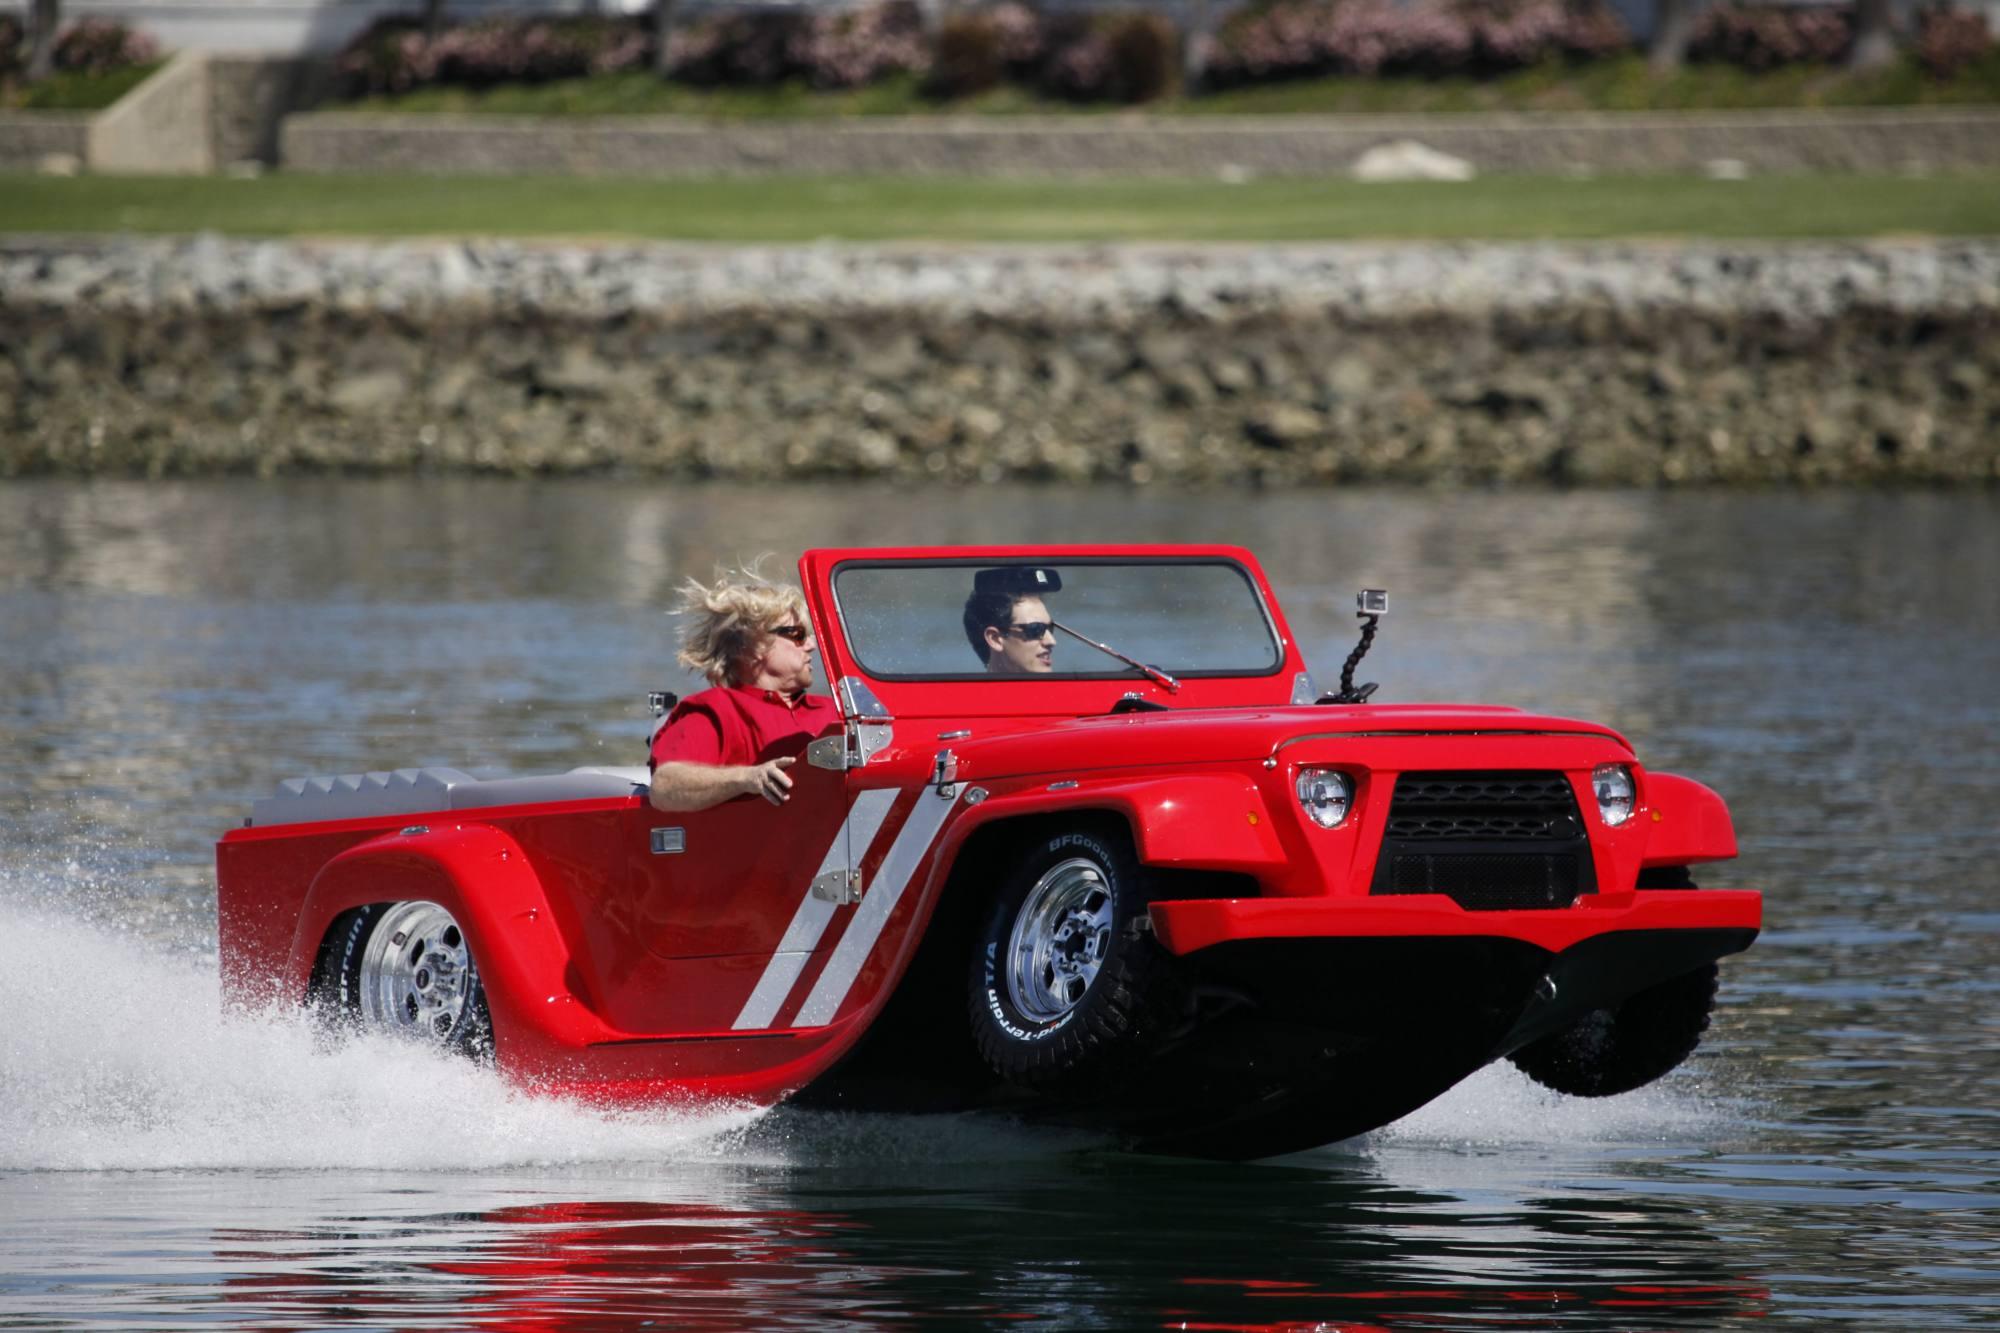 fun-with-watercar2.jpg